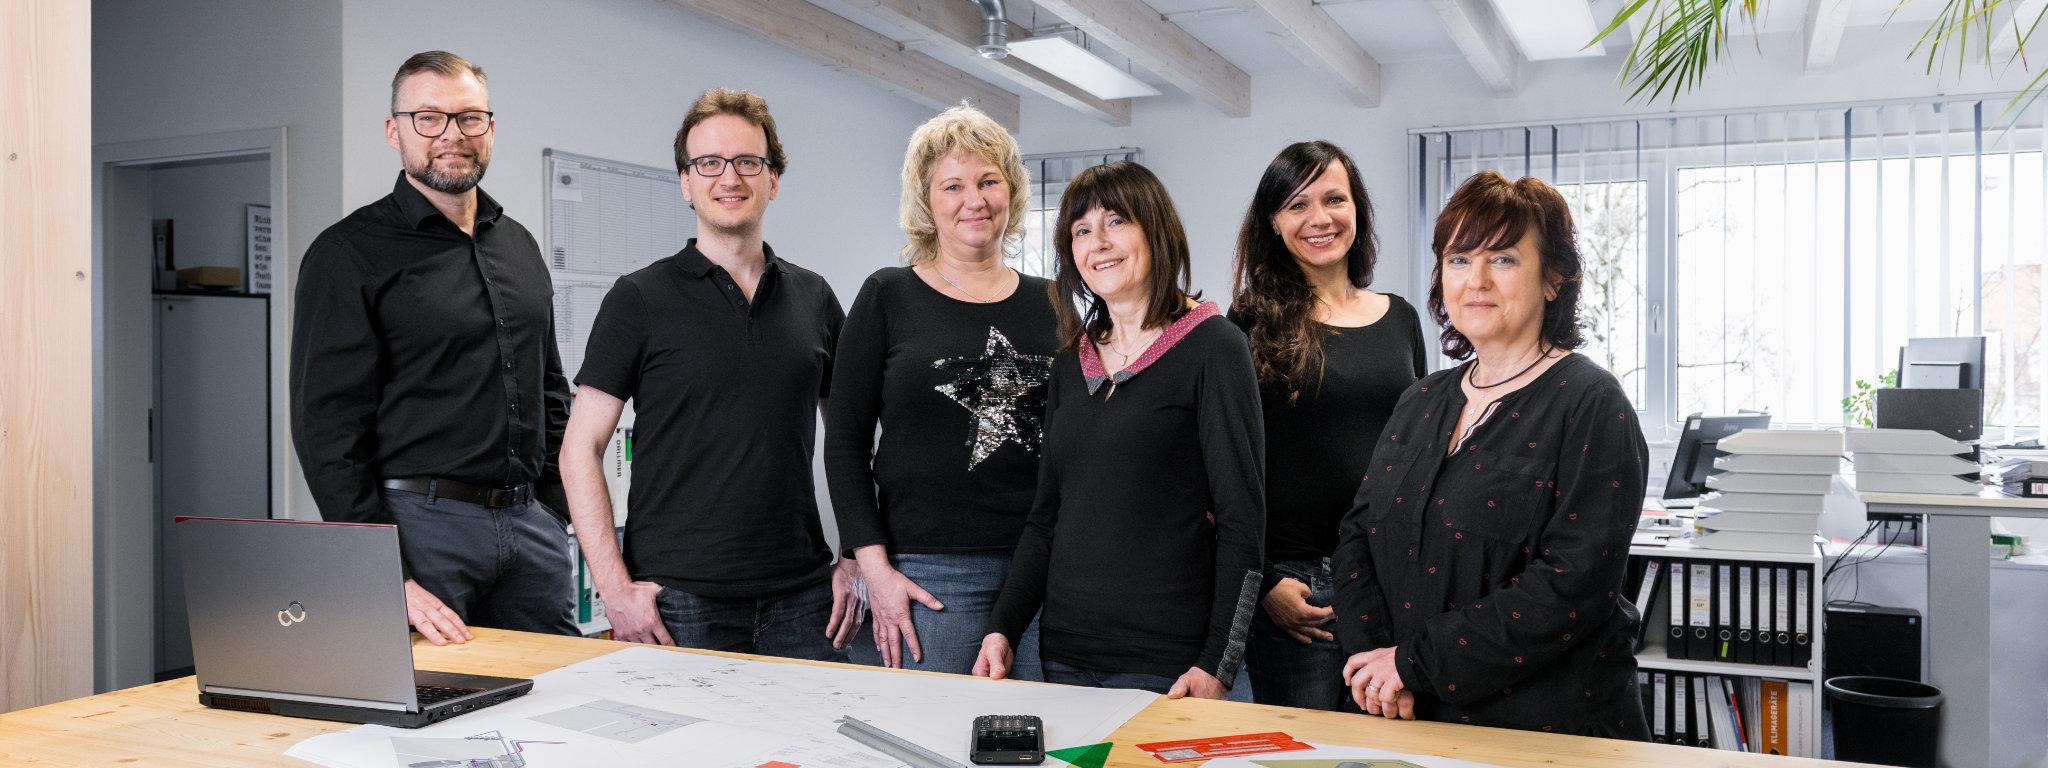 das Team der KPLAN GmbH